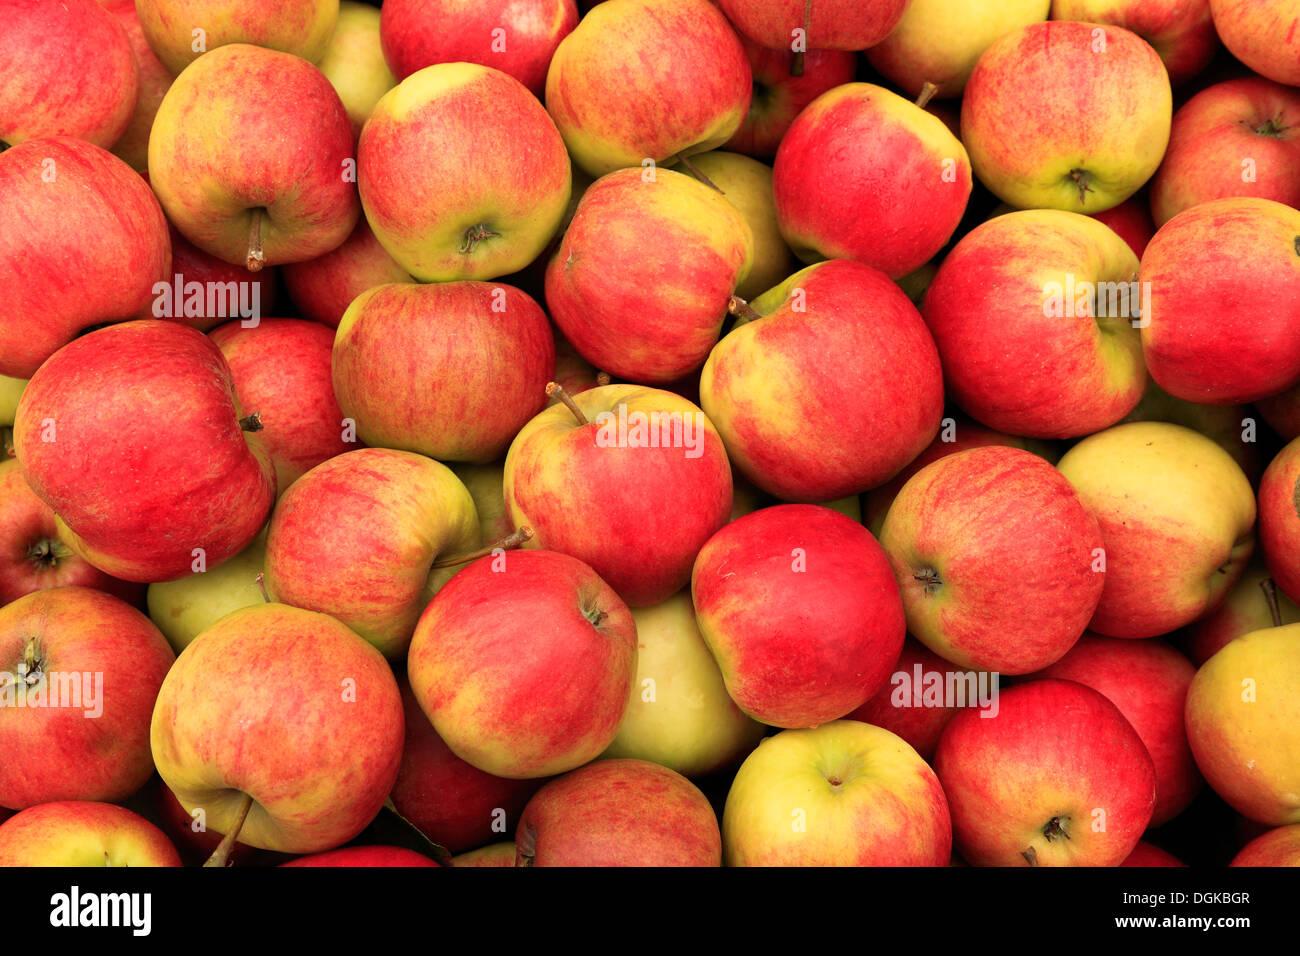 'Apple' en la granja Elstar shop mostrar, recogió las manzanas cosechadas en bandeja Imagen De Stock